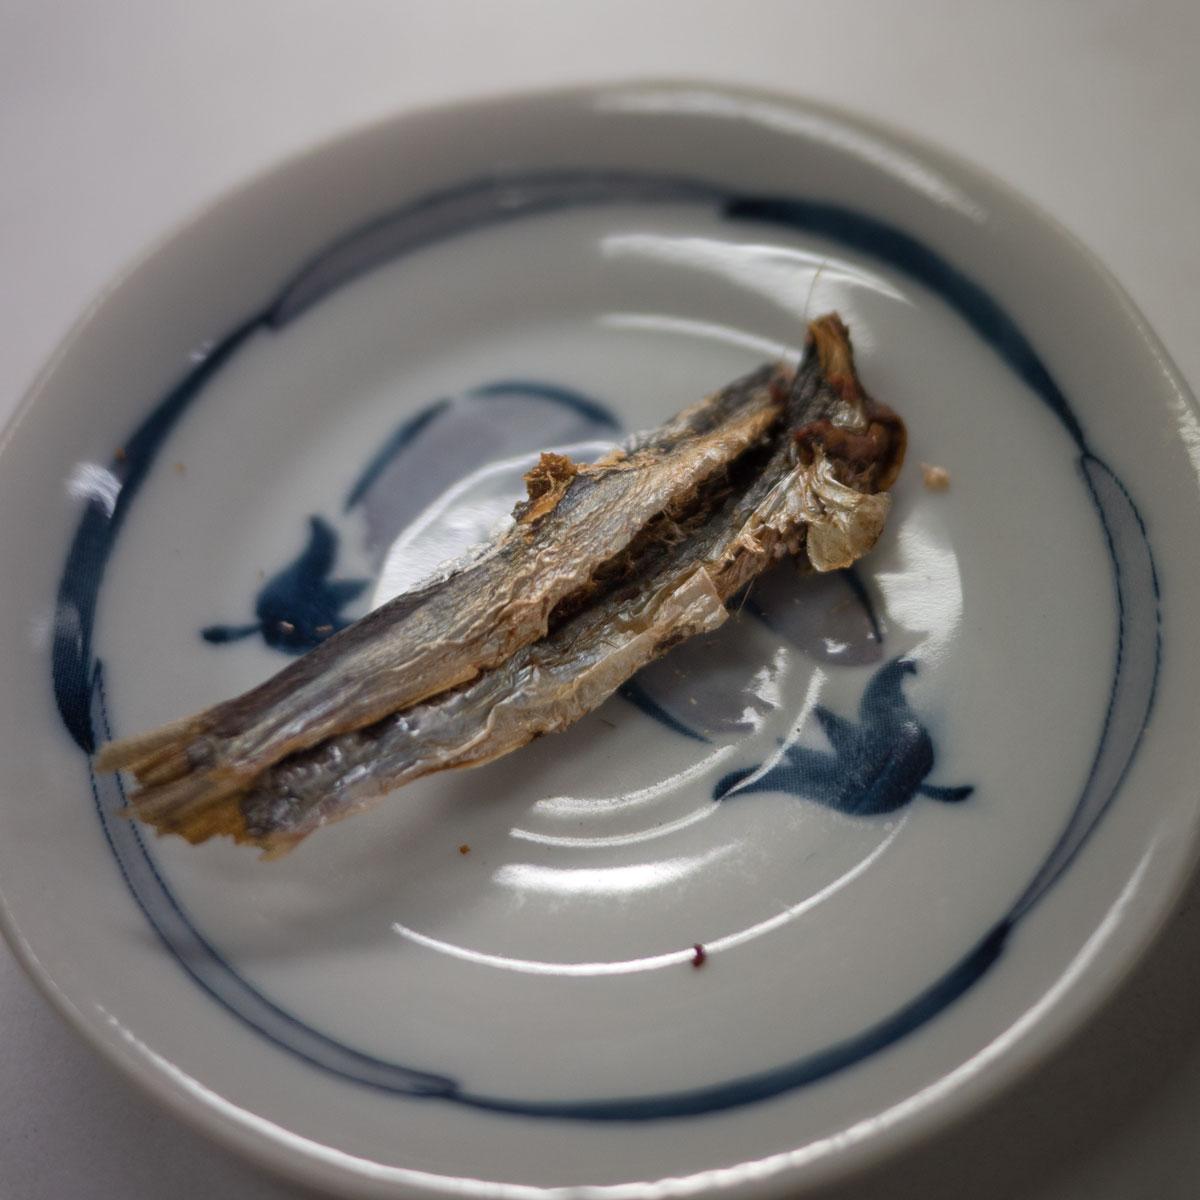 弘前「三忠食堂」の焼き干し 撮影:DMC-GX8 + LEICA DG 12-60mm